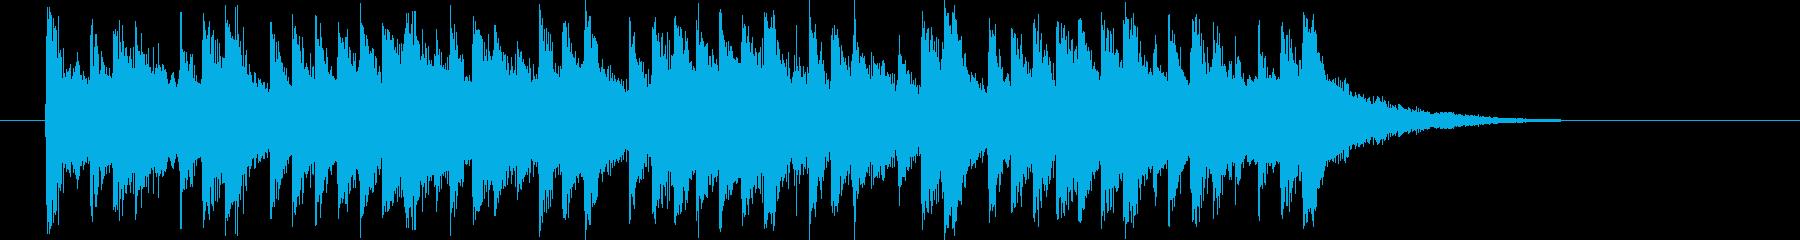 デジタルで素朴な民族音楽の再生済みの波形